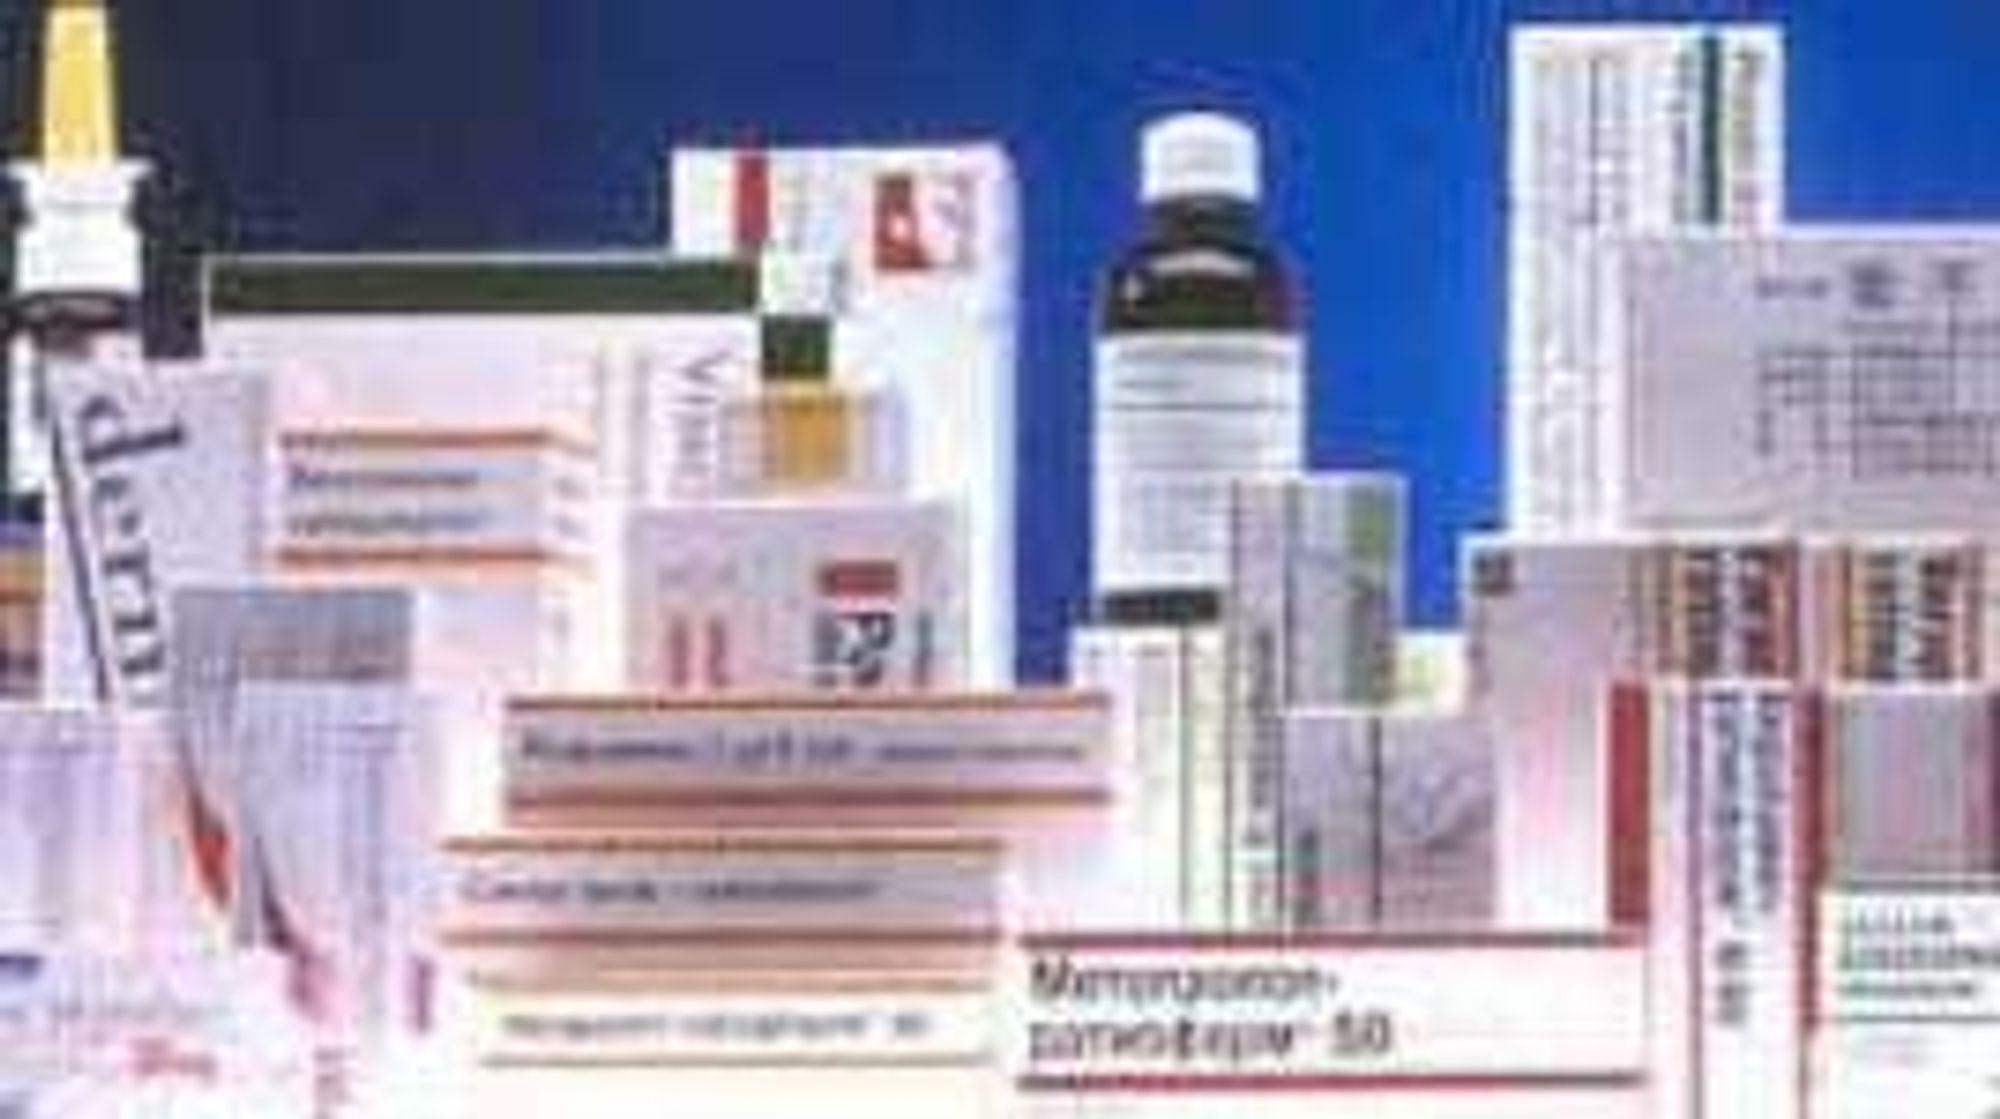 VELGES BORT: Mange sliter med å åpne emballasjen rundt blant annet medisinartikler, ifølge en svensk undersøkelse.